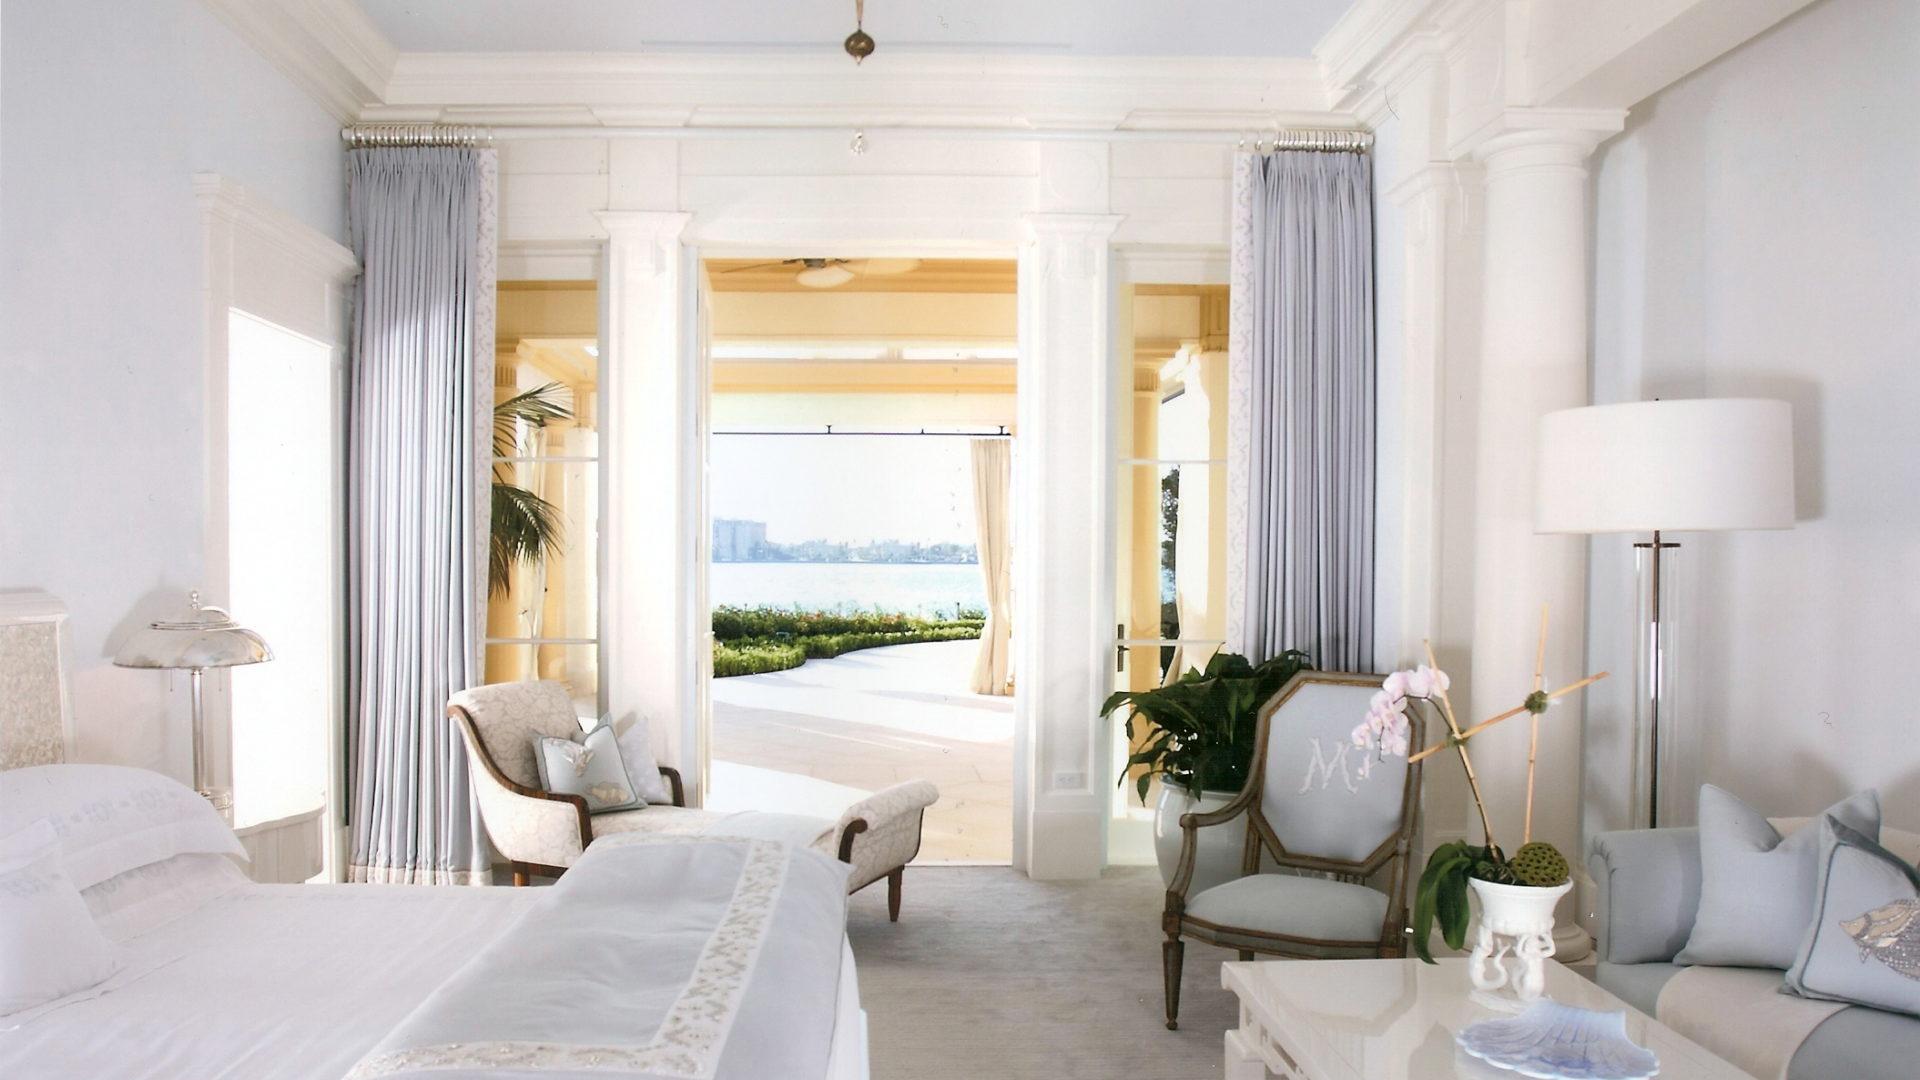 Master Bedroom doors open